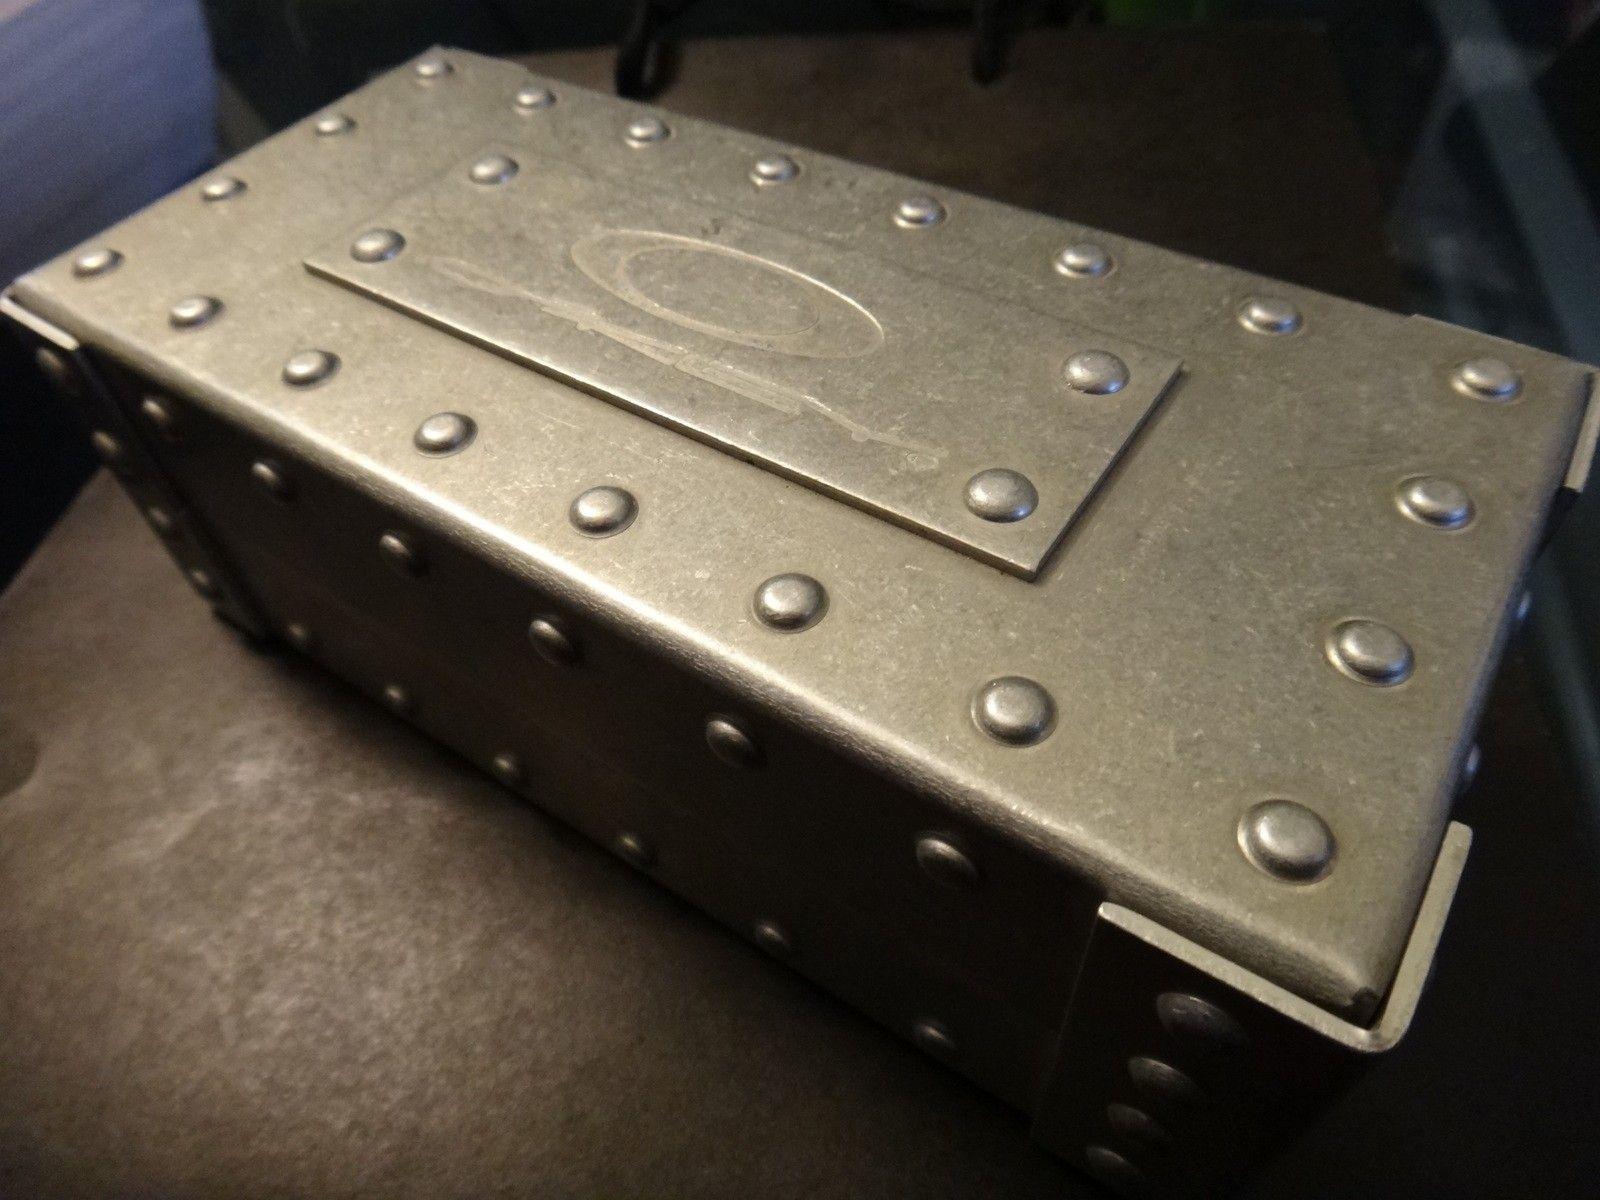 Oakley Metal Vault (The Vault) case with perfect foam - DSC05578.JPG